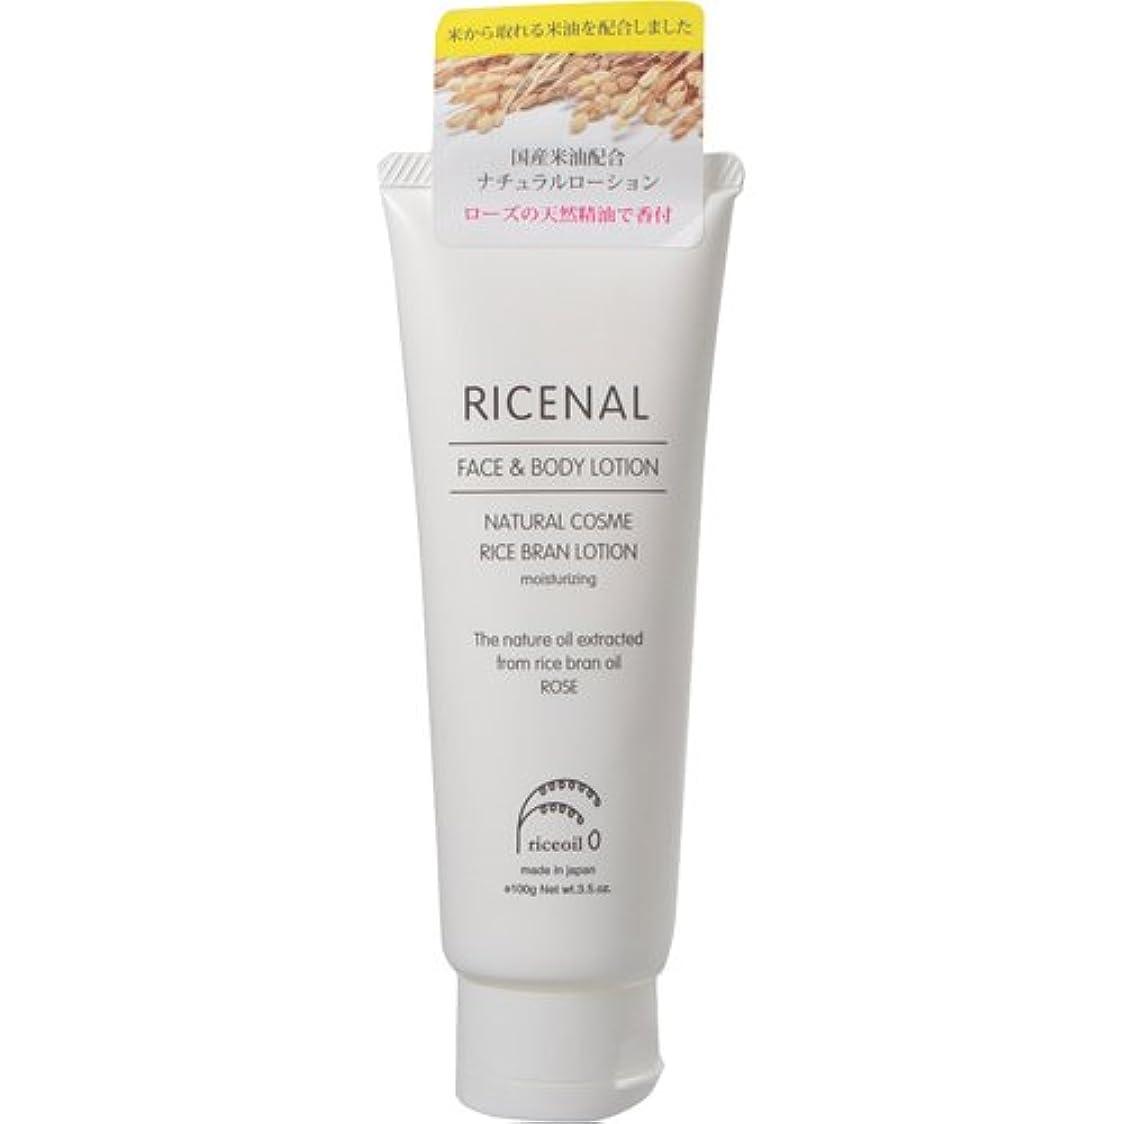 バリケードトリム免疫RICENAL(リセナル) フェイス&ボディローション 100g